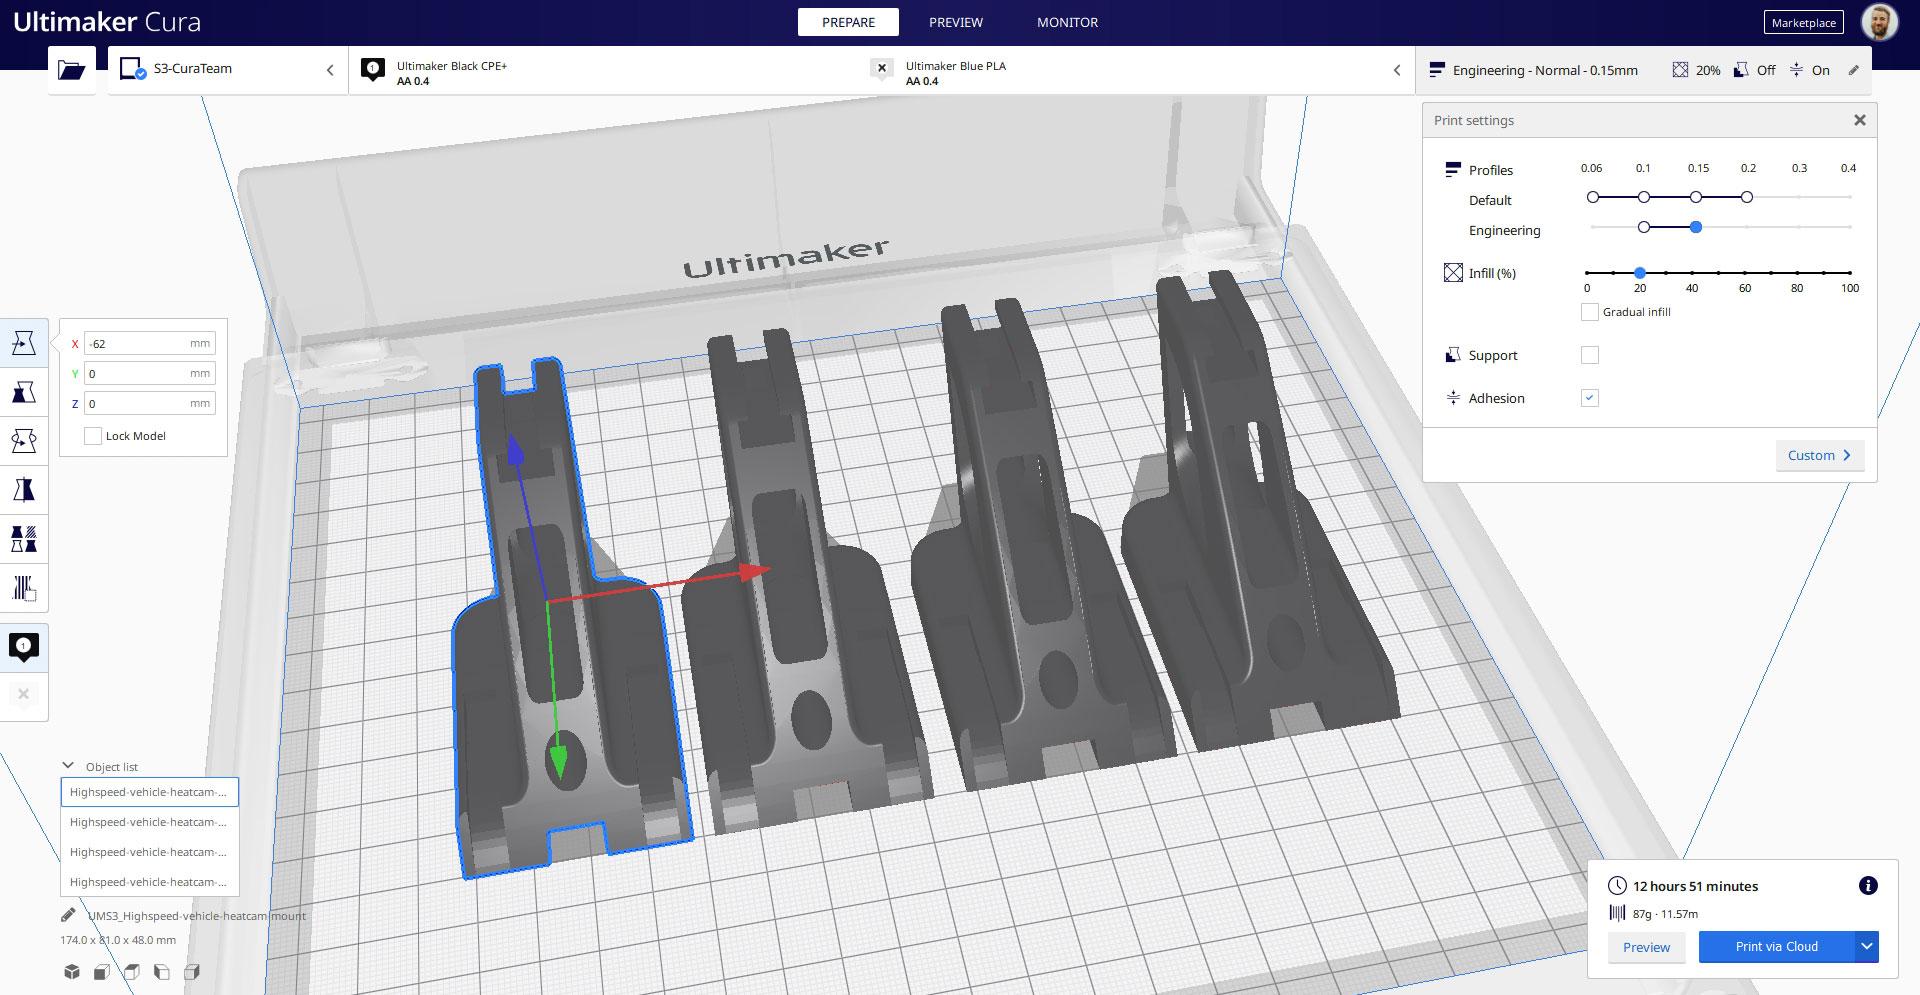 Mit CPE+ vorbereitete Objekte mit einem Intent-Profil